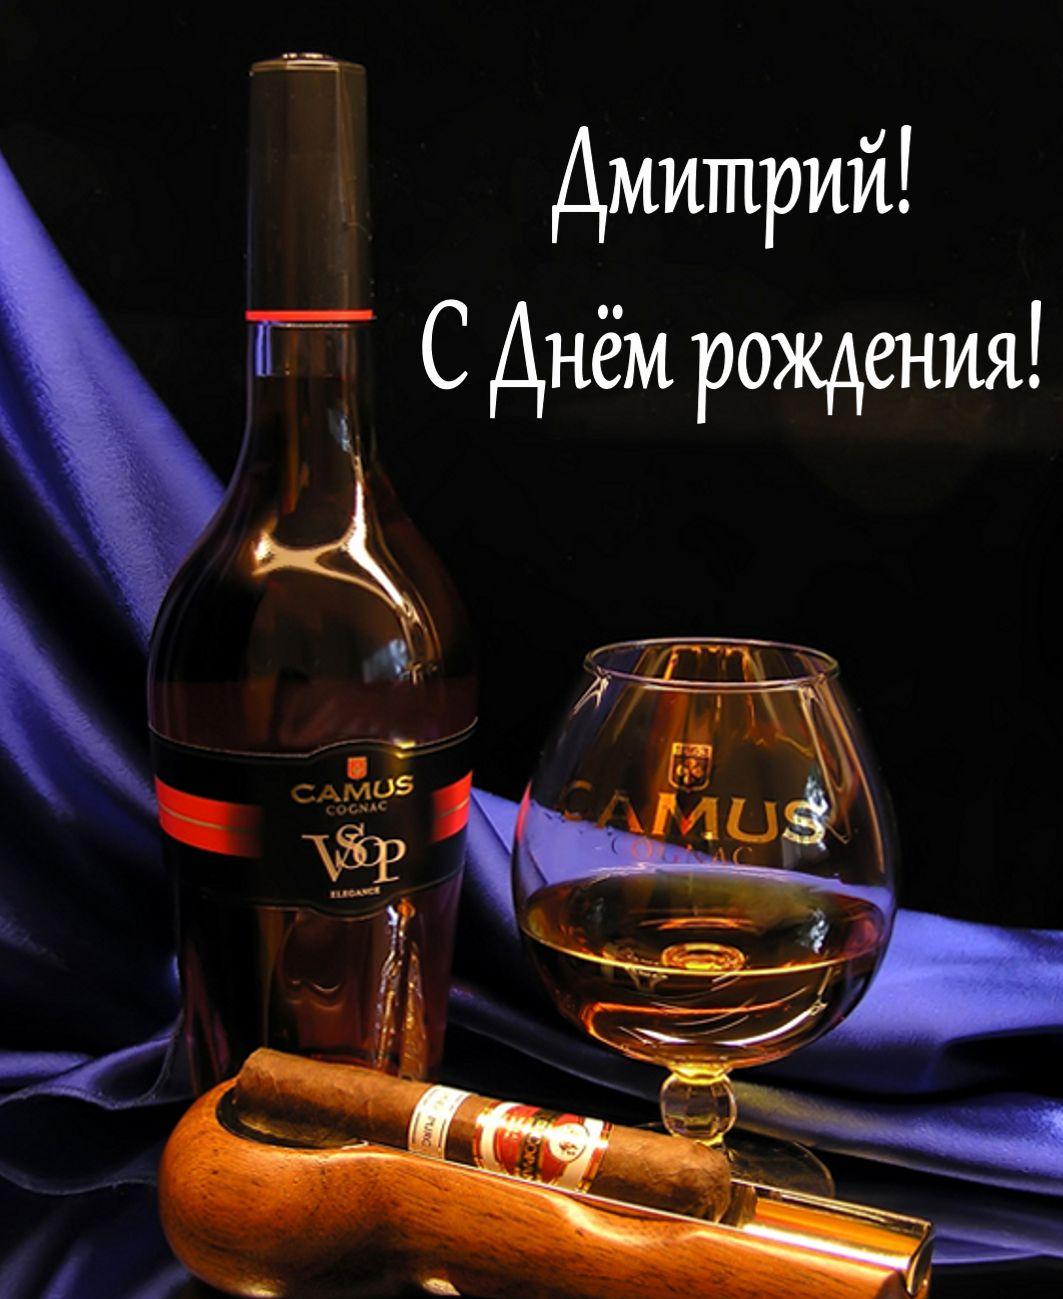 Открытка - коньяк и сигара Дмитрию на День рождения